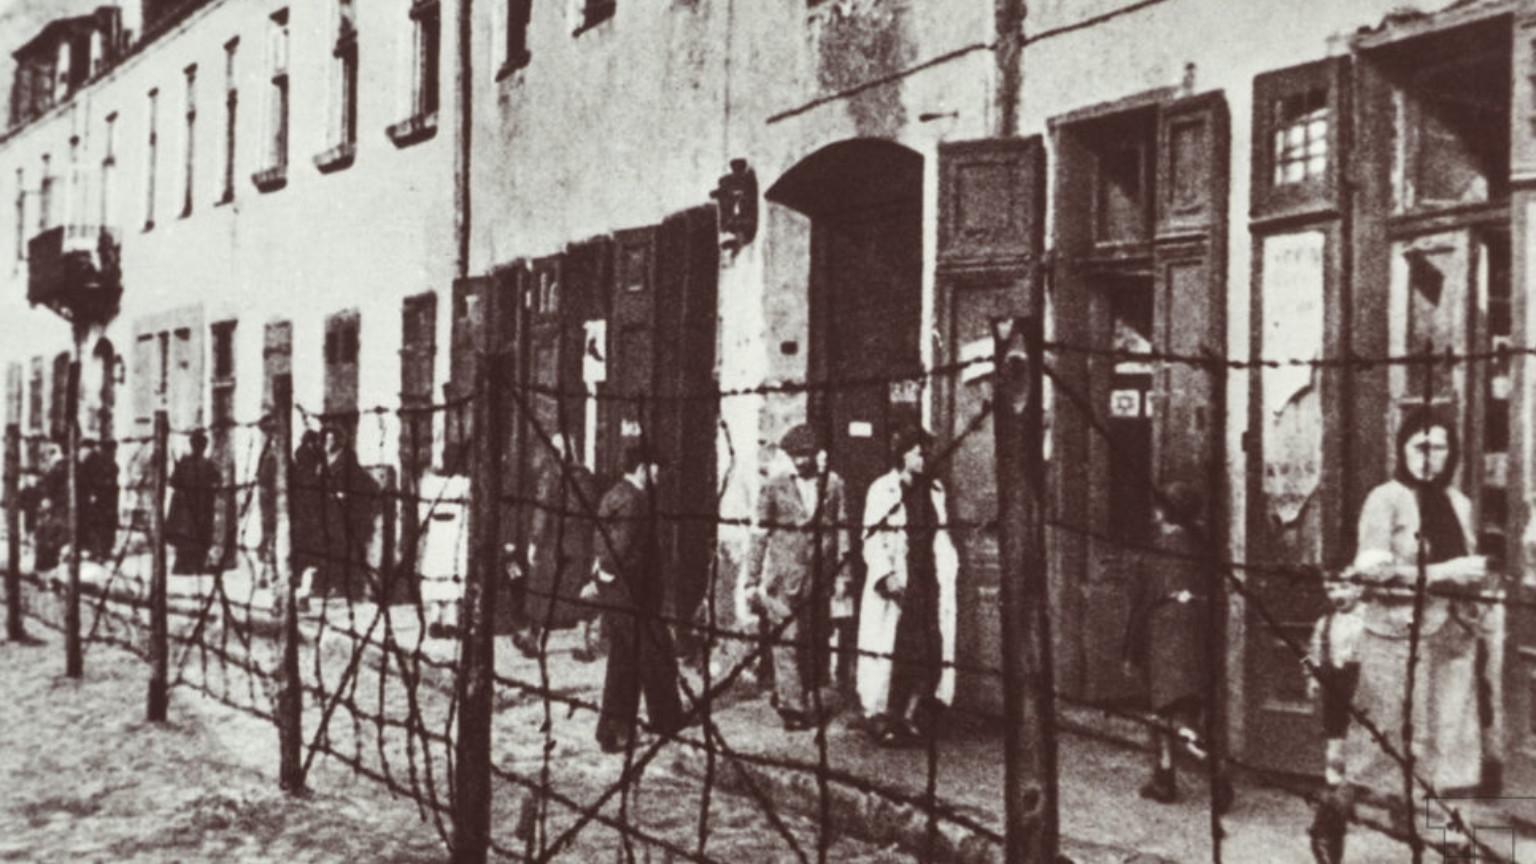 Zdjęcie dla kartki: Zamknięcie getta